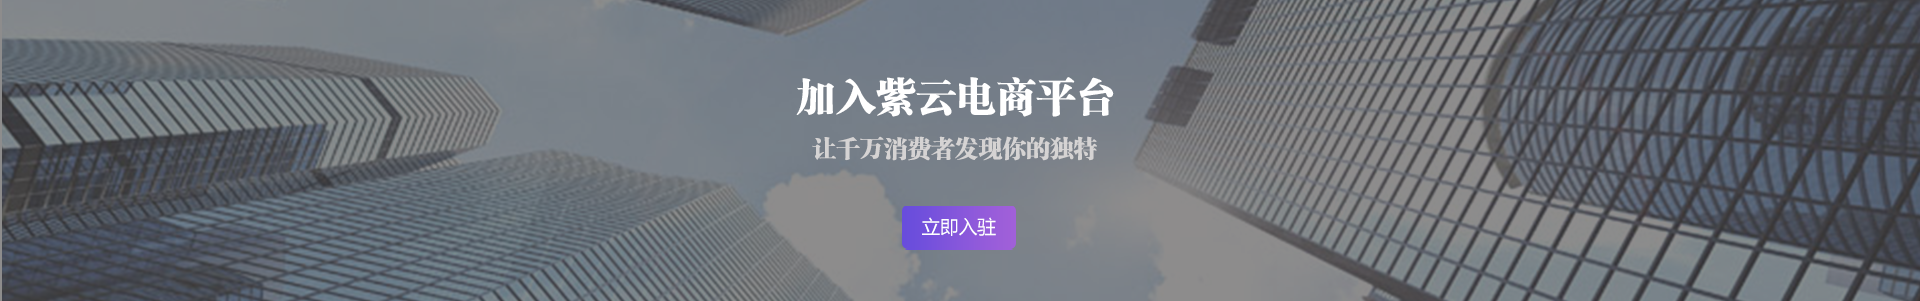 加入紫云电商频台